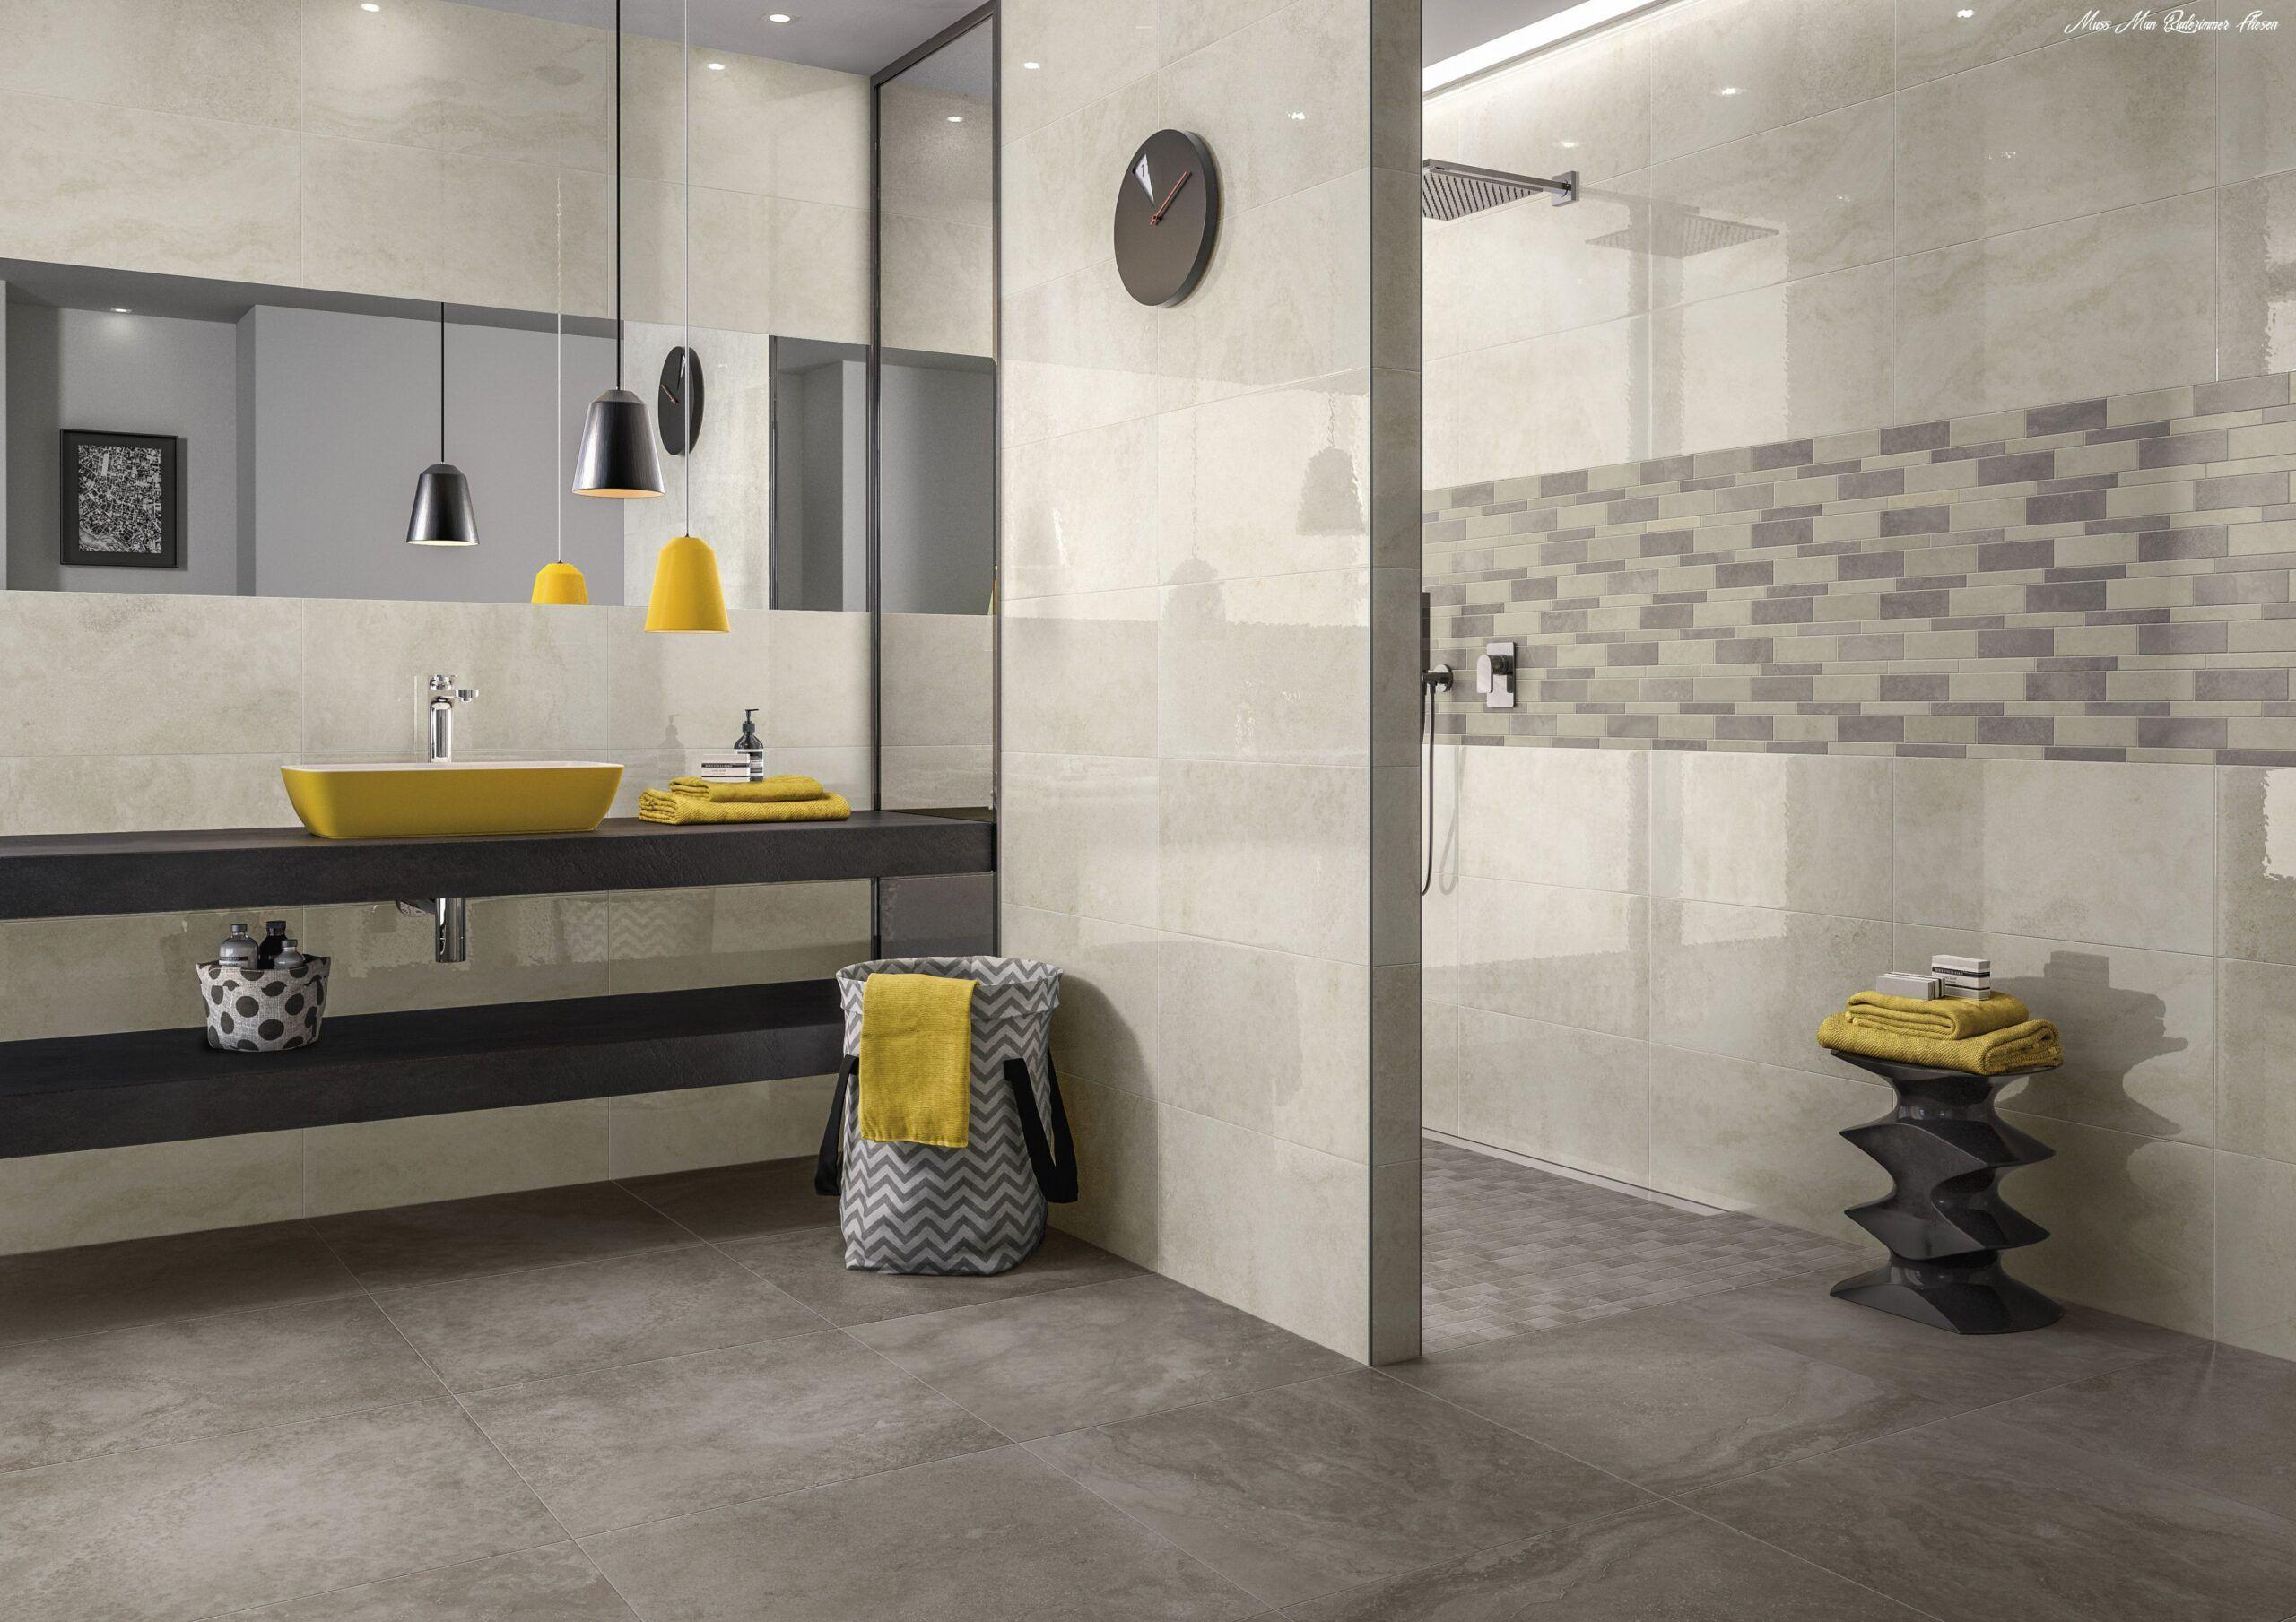 8 Muss Man Tritt Fliesen In 2020 Badezimmer Fliesen Badezimmer Trends Bad Fliesen Ideen